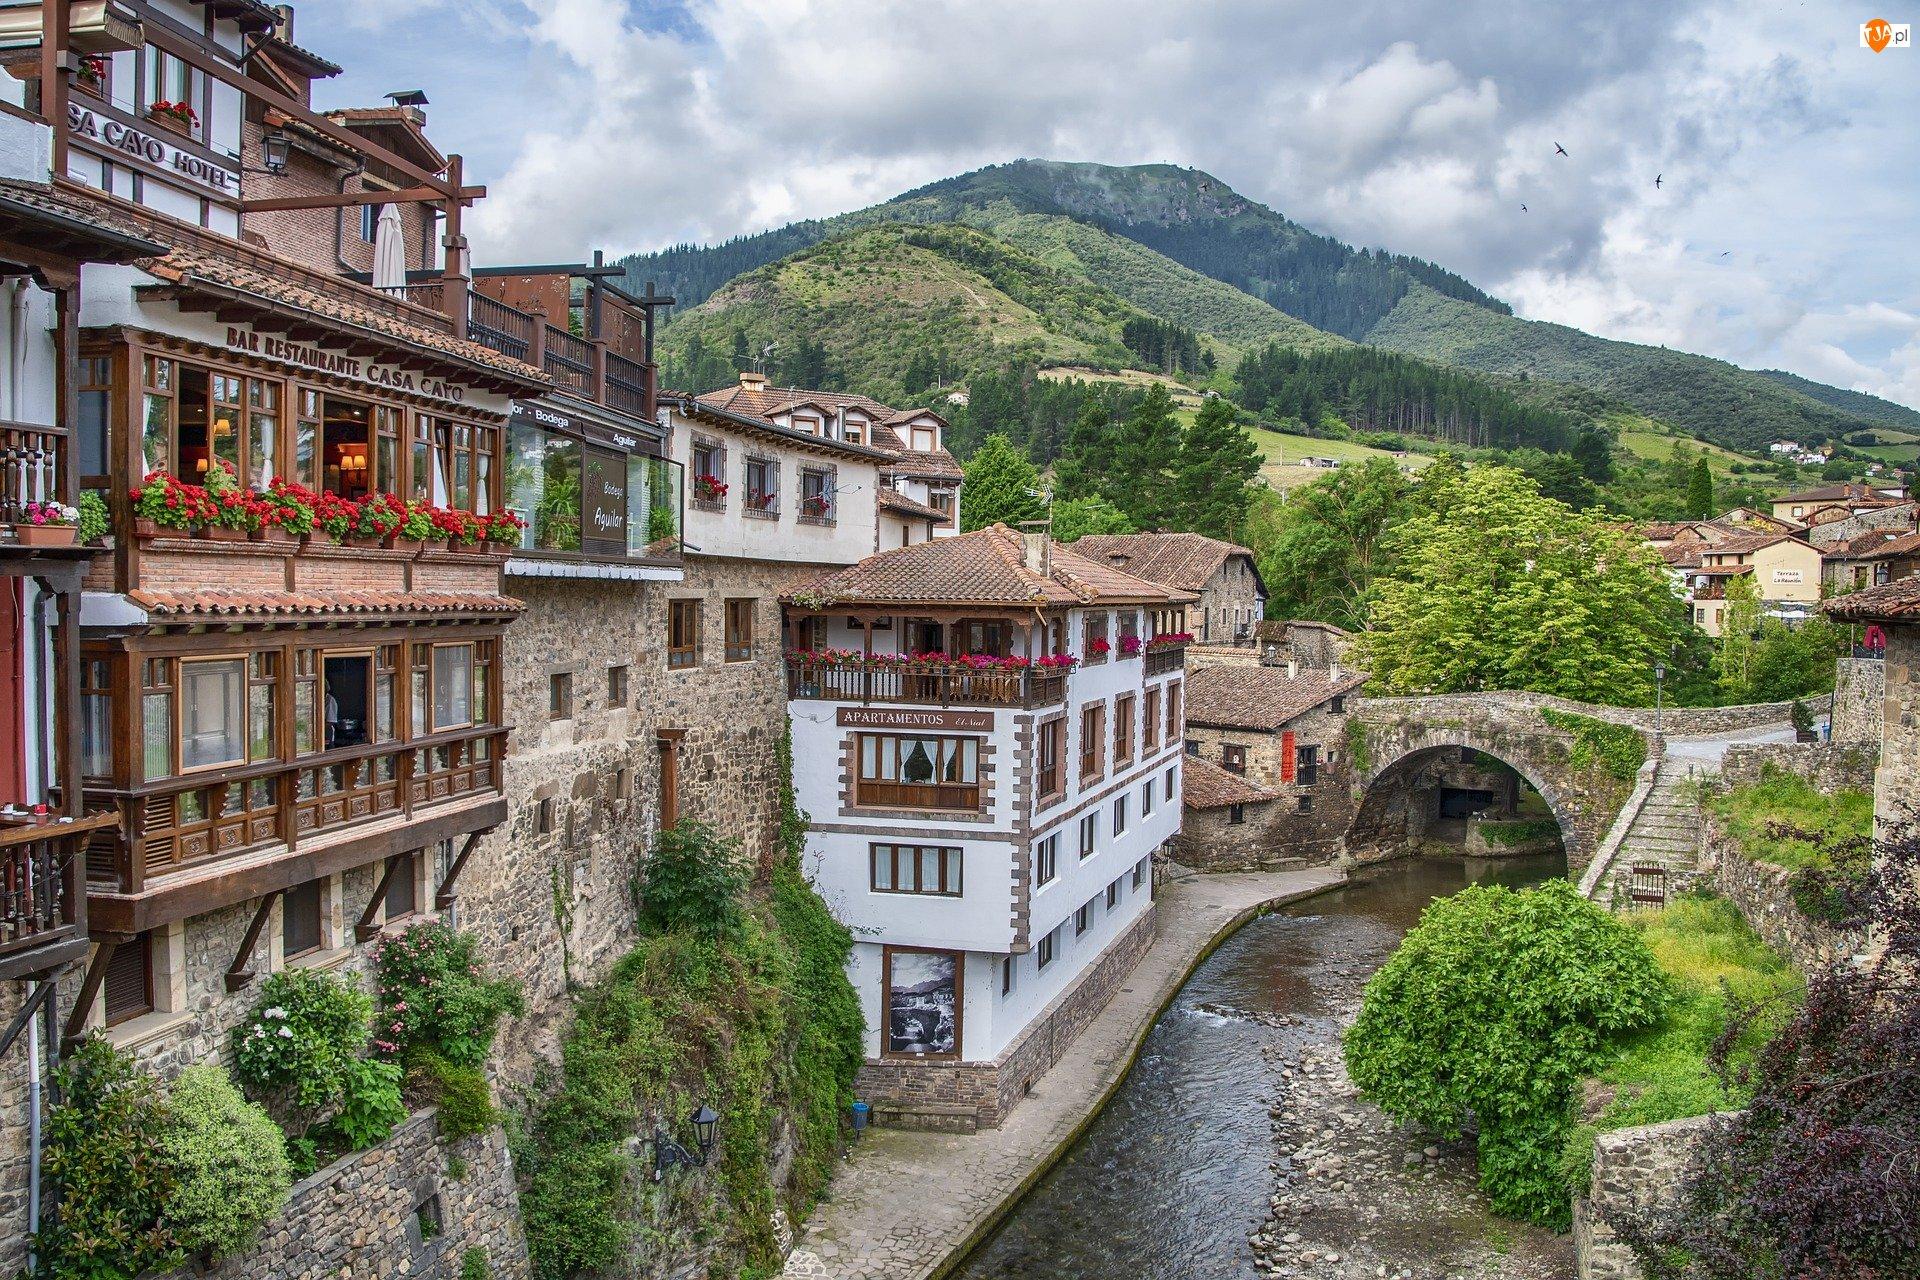 Rzeka, Domy, Misto Potes, Hiszpania, Most